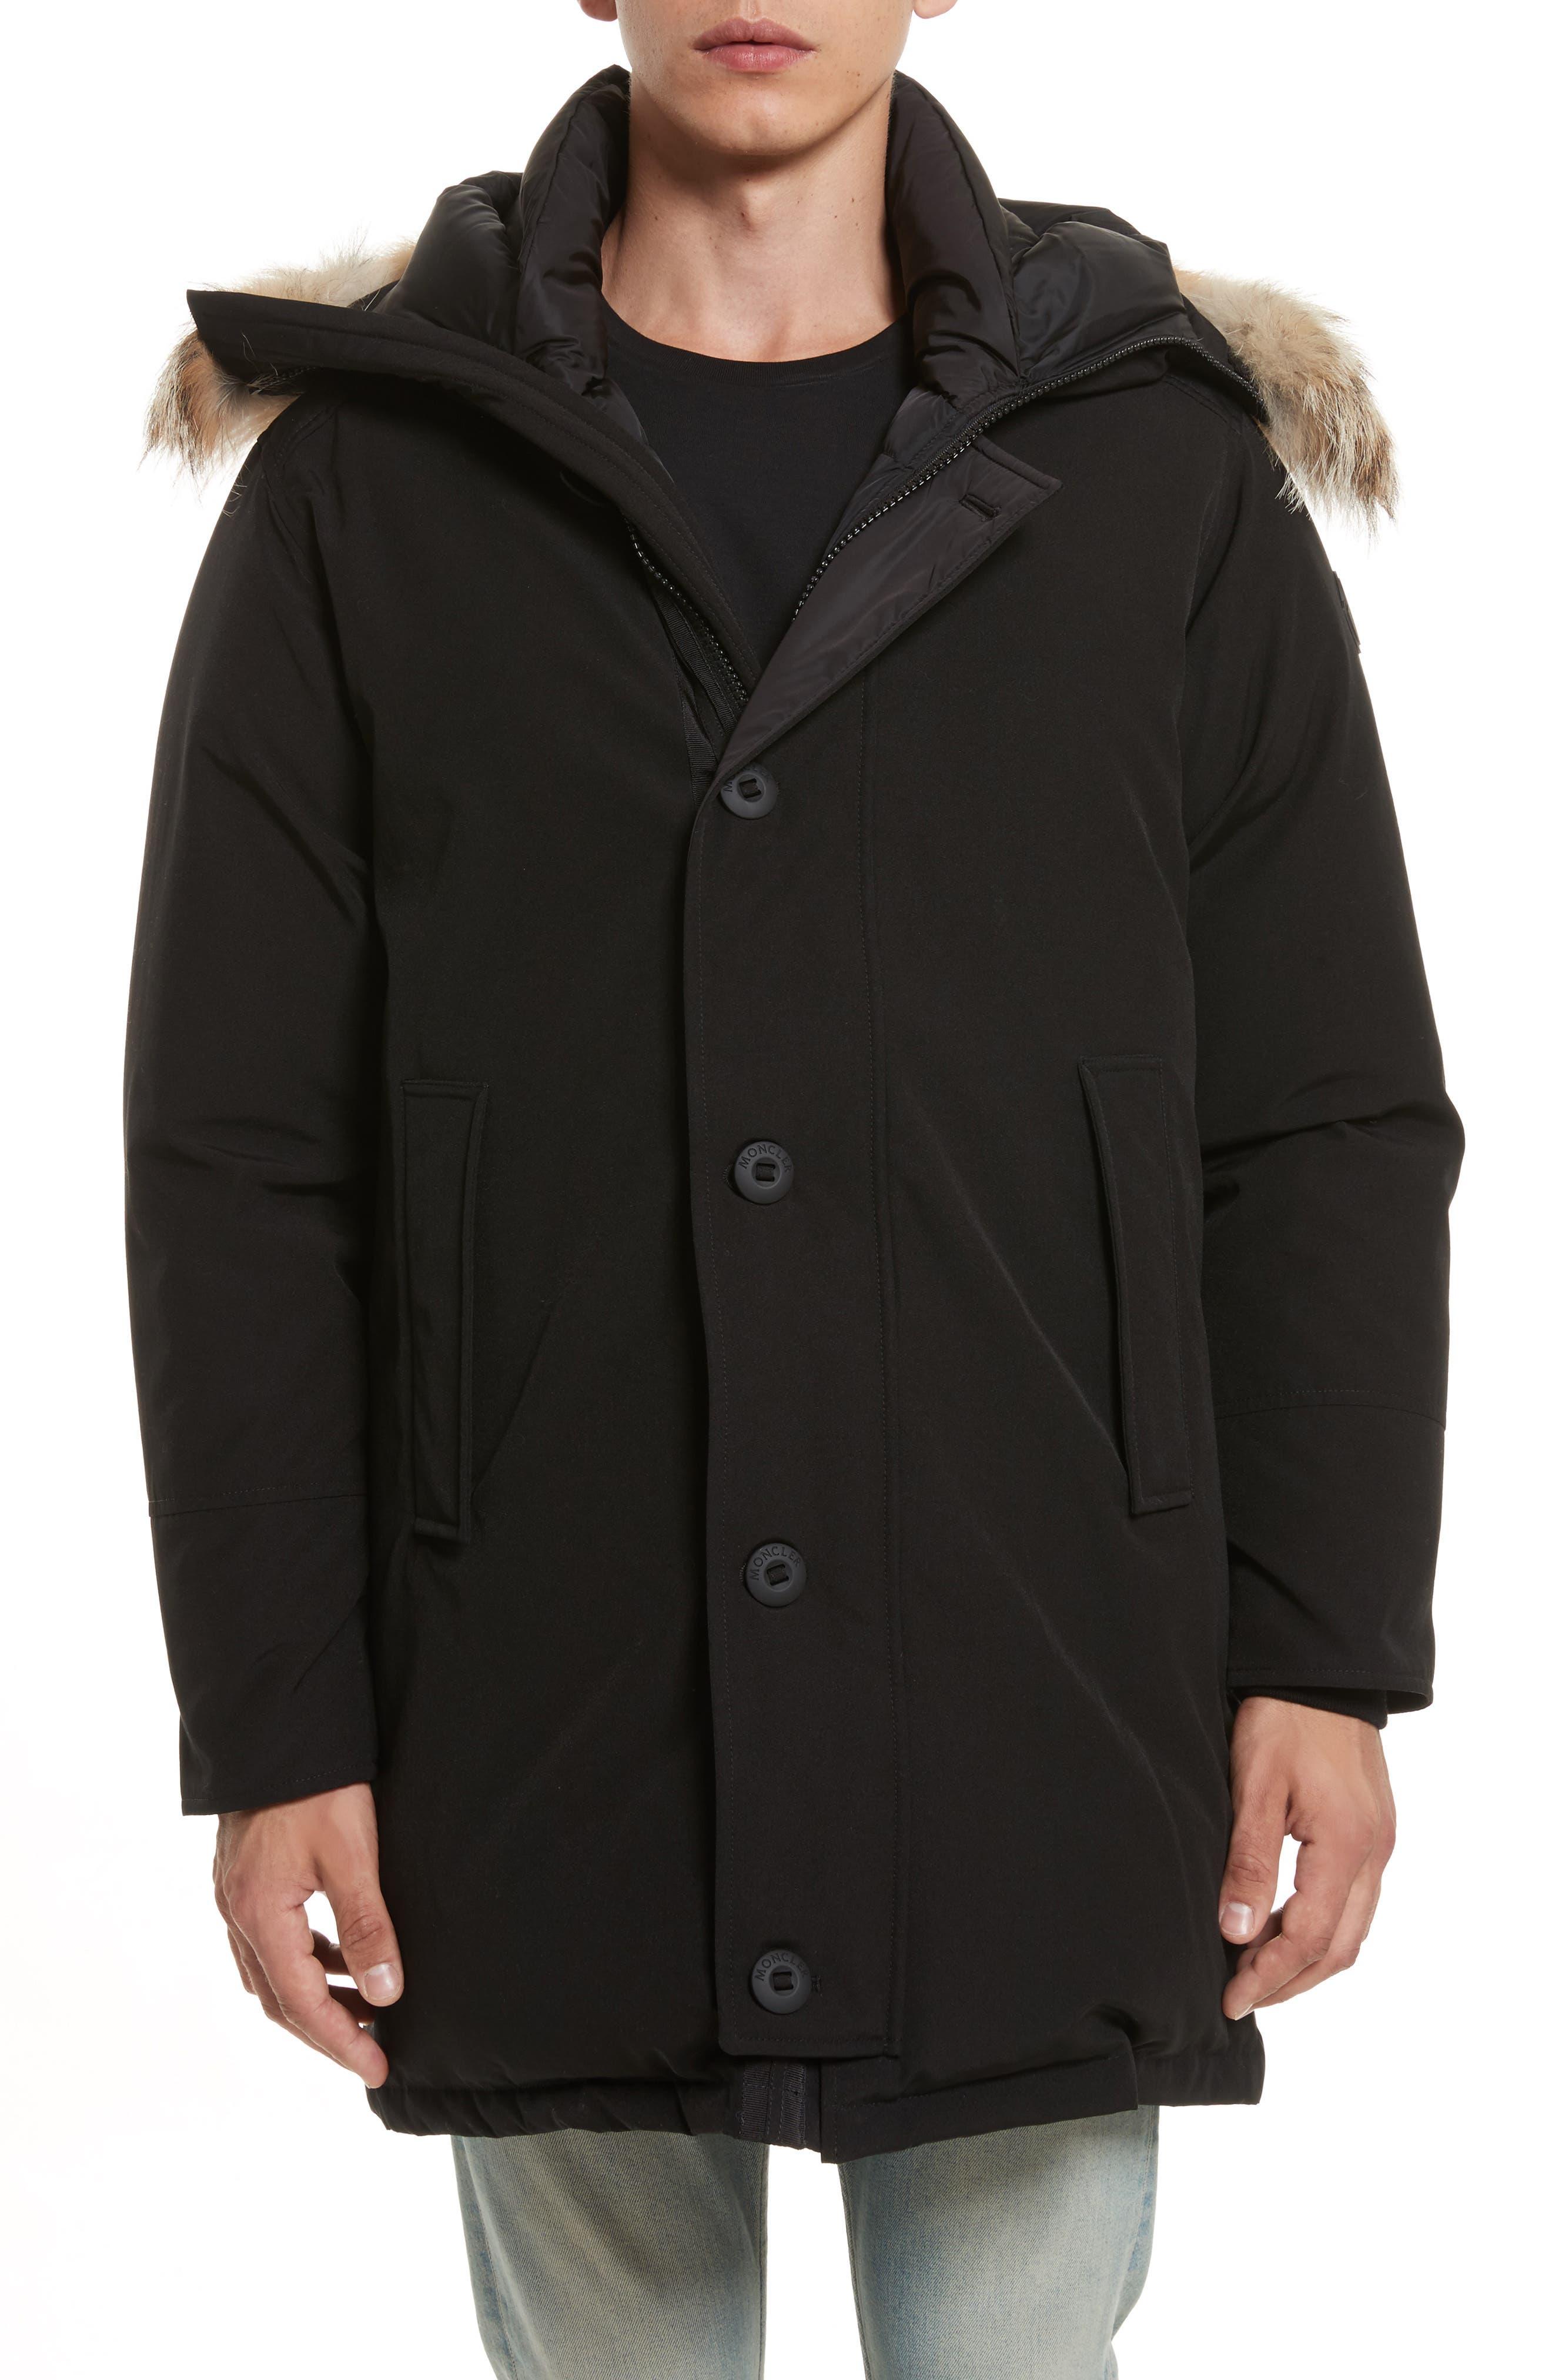 Aurelien Down Parka with Genuine Fur Trim,                             Main thumbnail 1, color,                             001